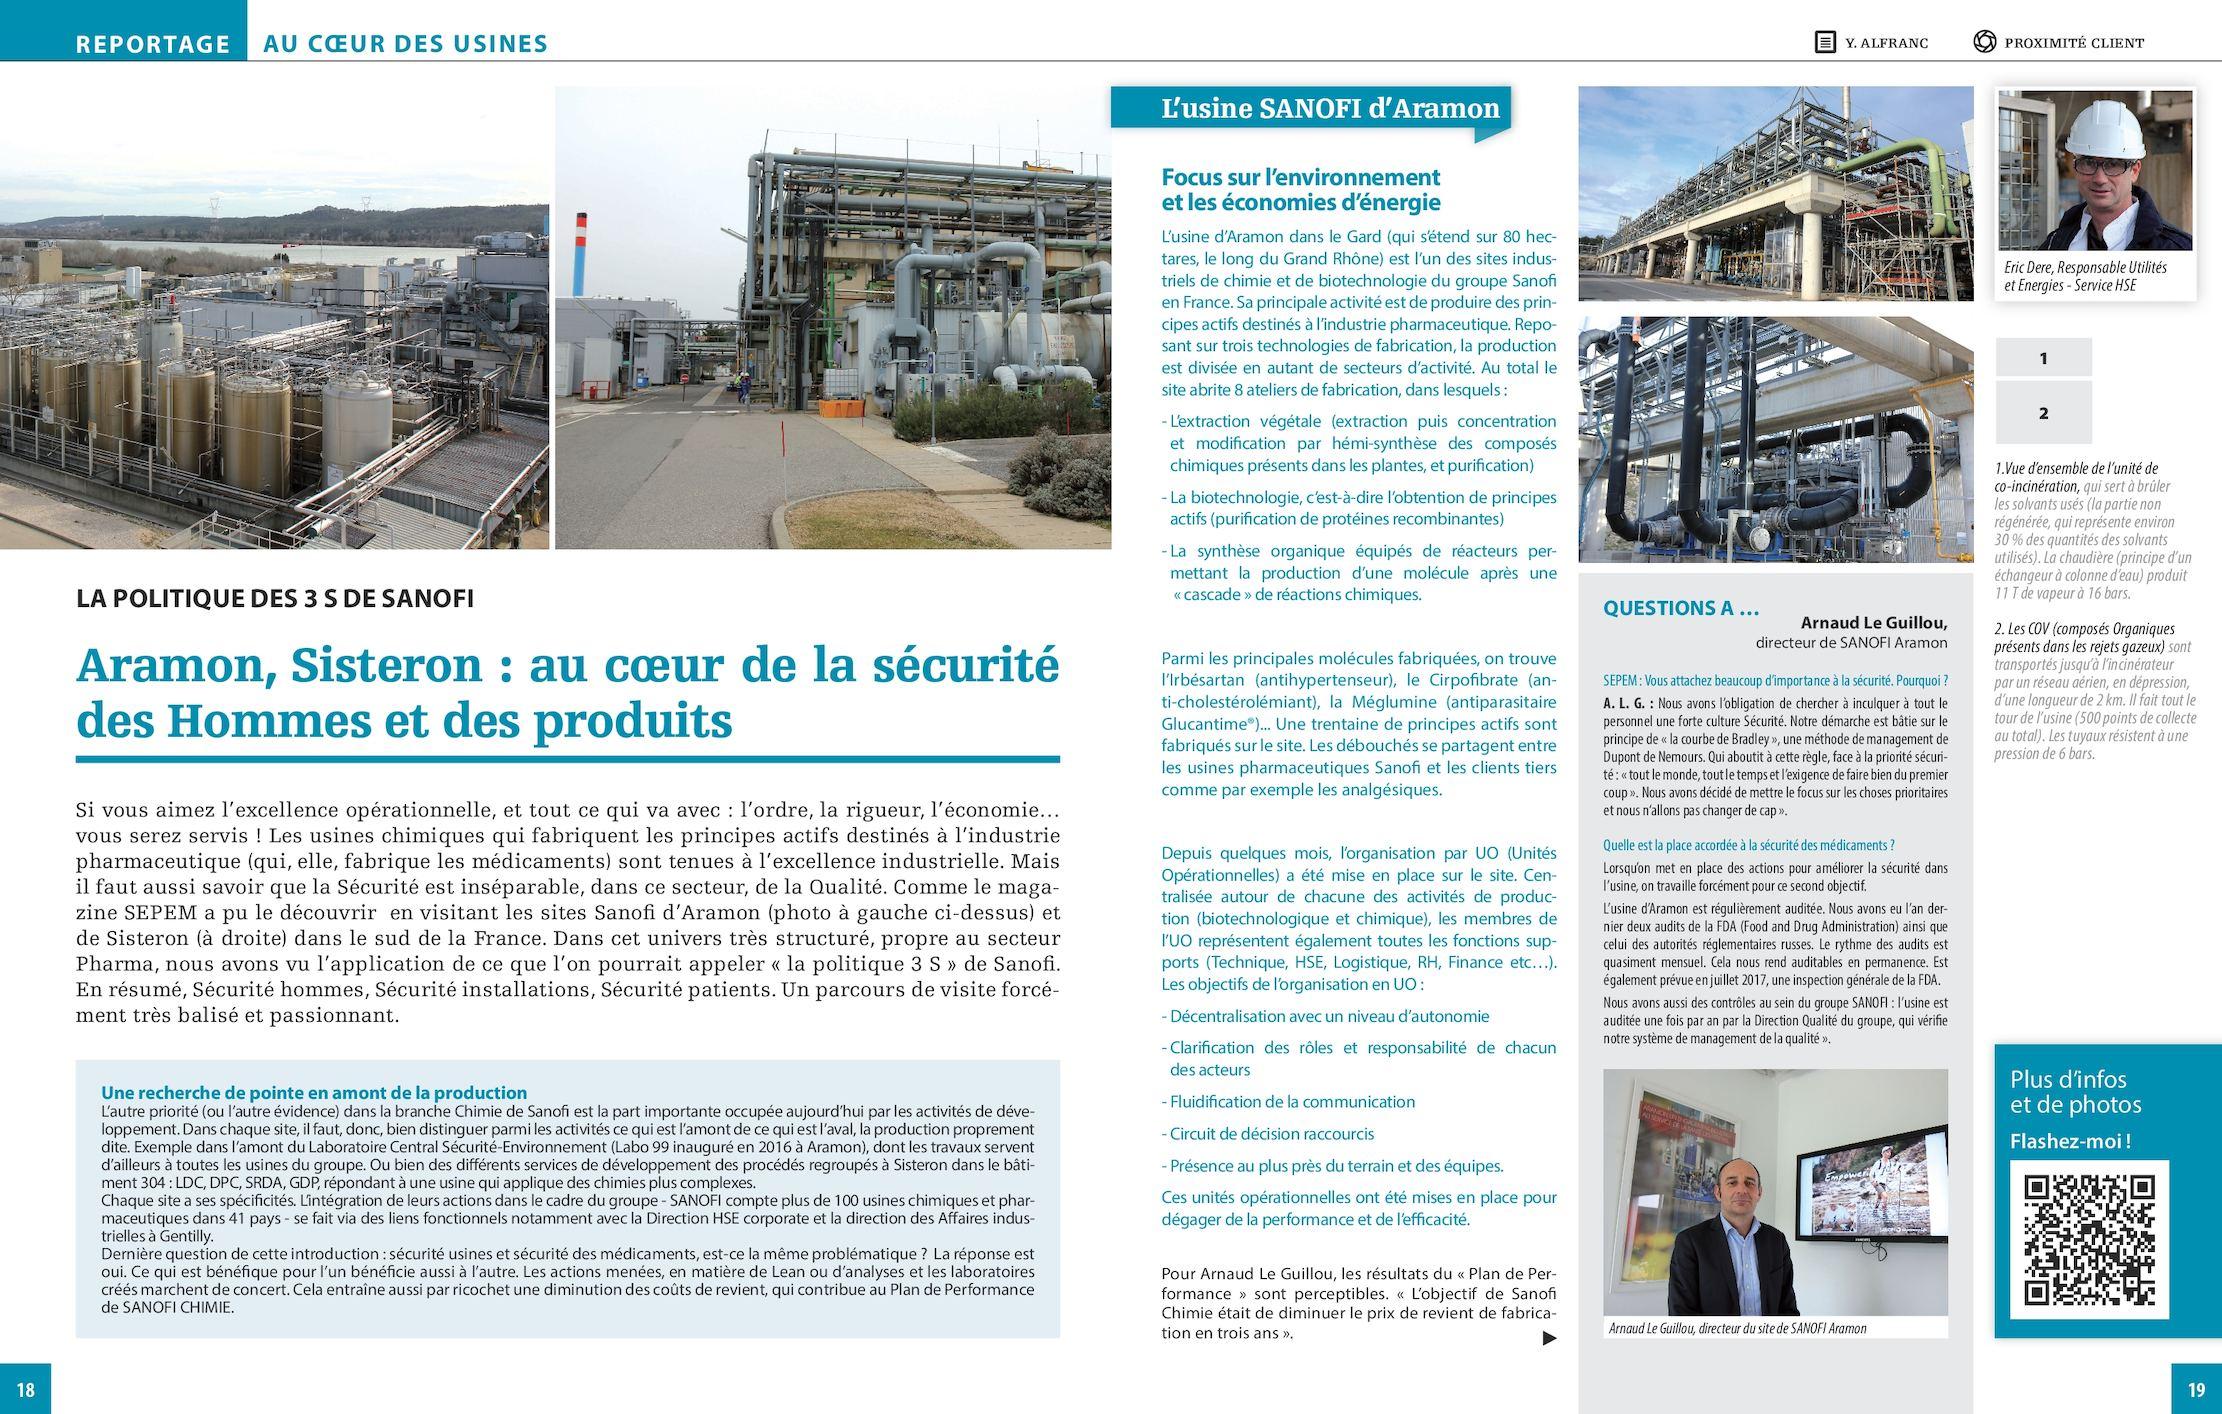 Reportage Sanofi Avignon 2017